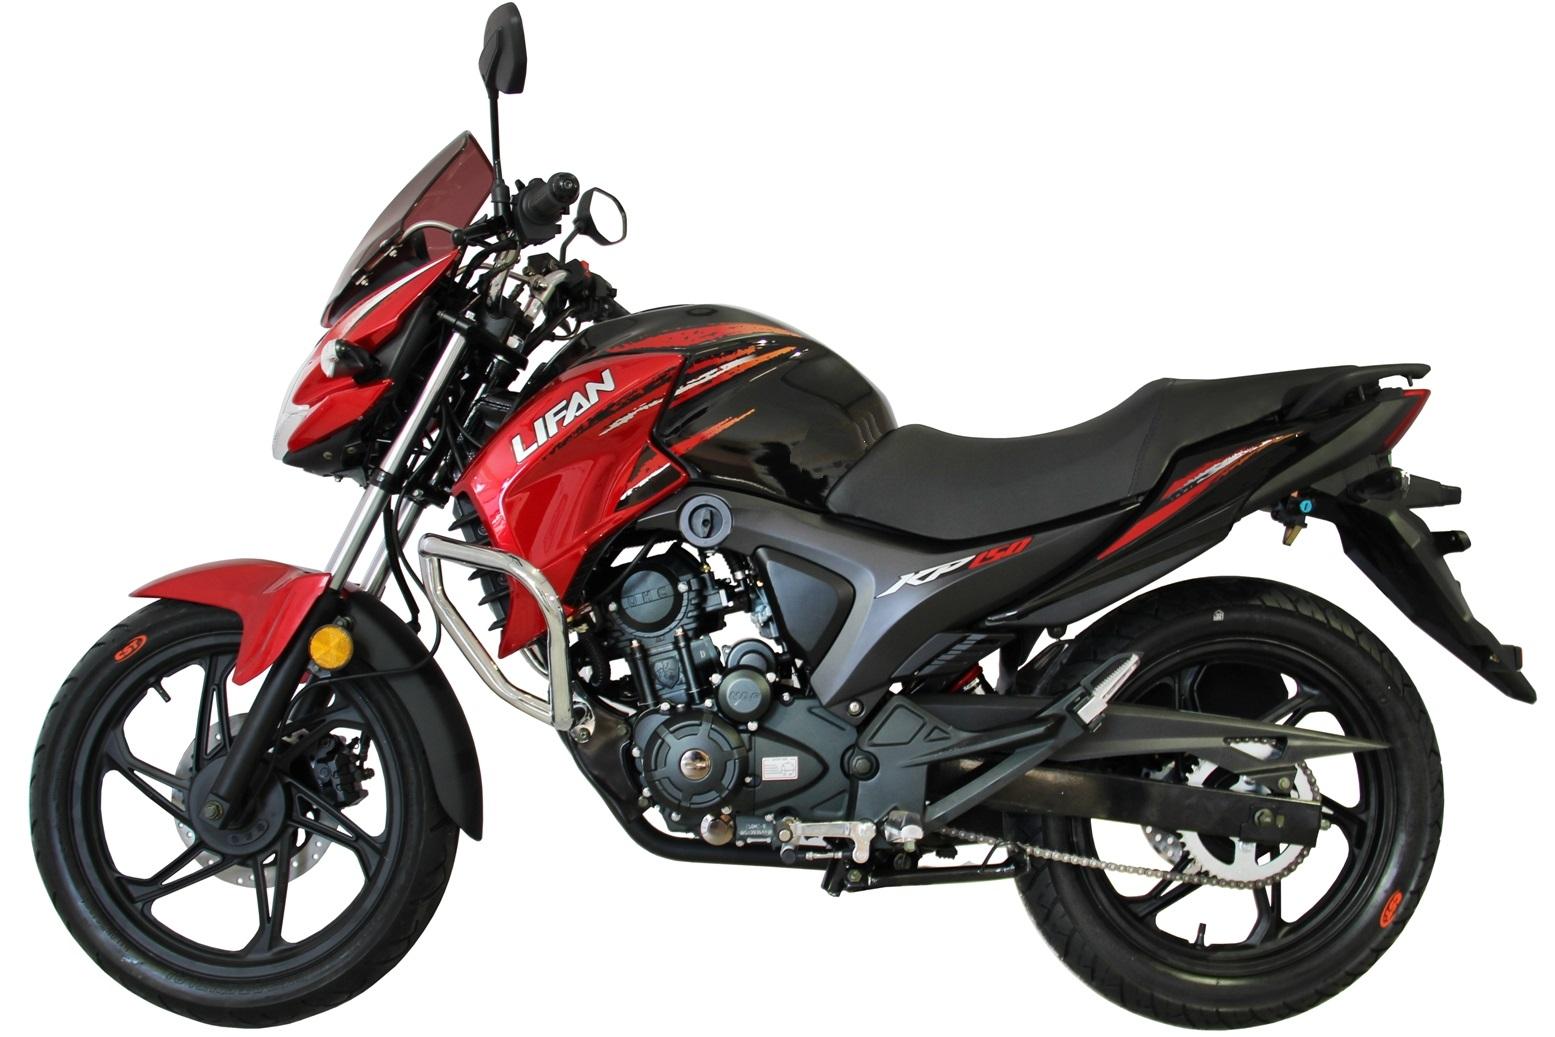 МОТОЦИКЛ LIFAN KP150 (LIFAN IROKEZ) Red ― Артмото - купить квадроцикл в украине и харькове, мотоцикл, снегоход, скутер, мопед, электромобиль